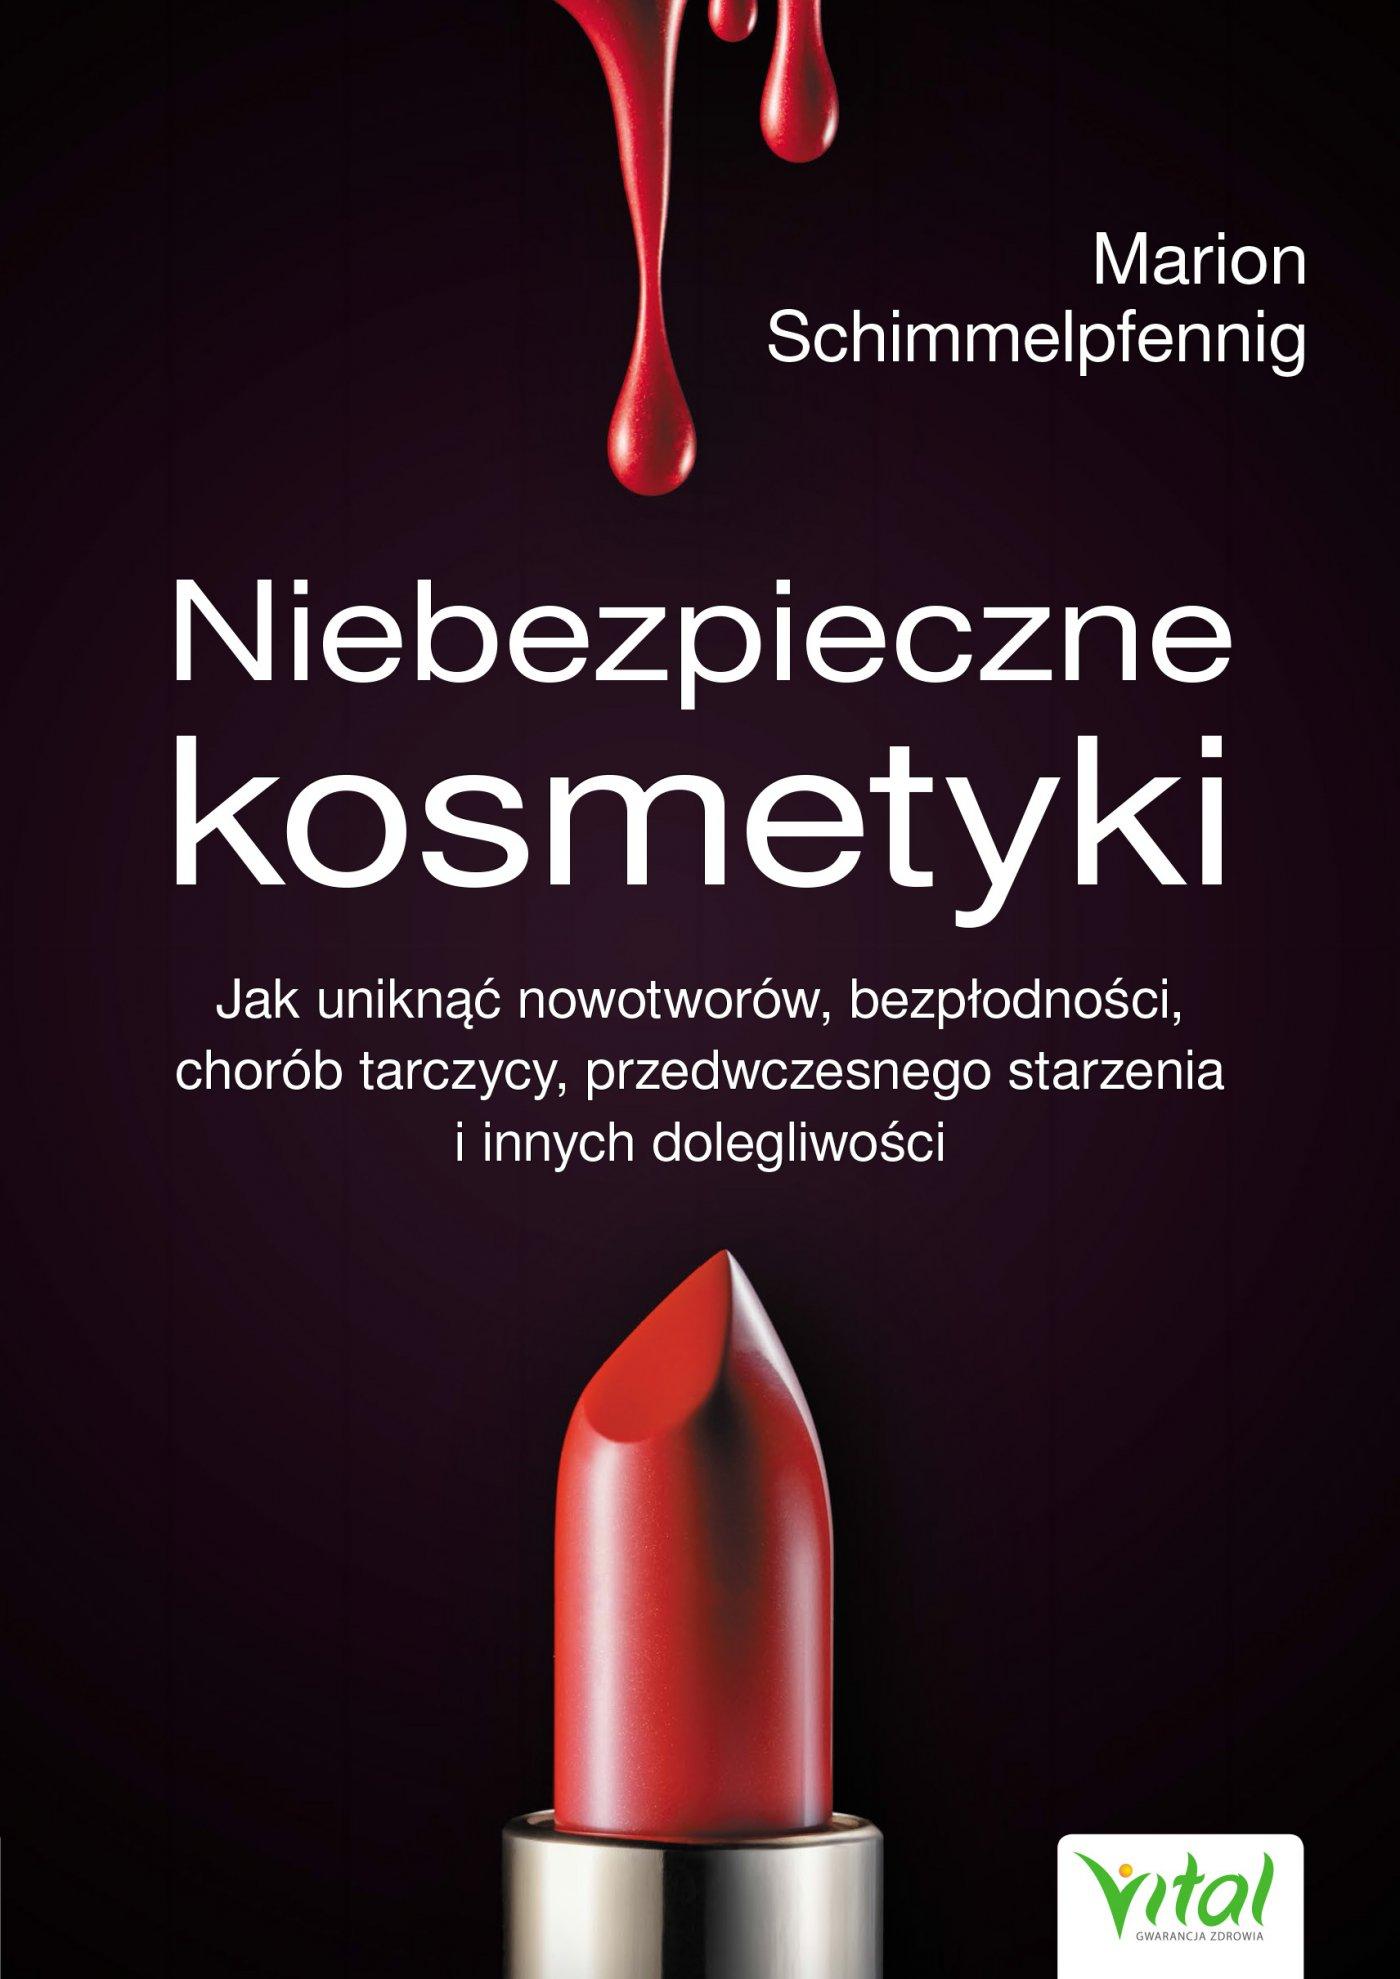 Niebezpieczne kosmetyki - Ebook (Książka na Kindle) do pobrania w formacie MOBI